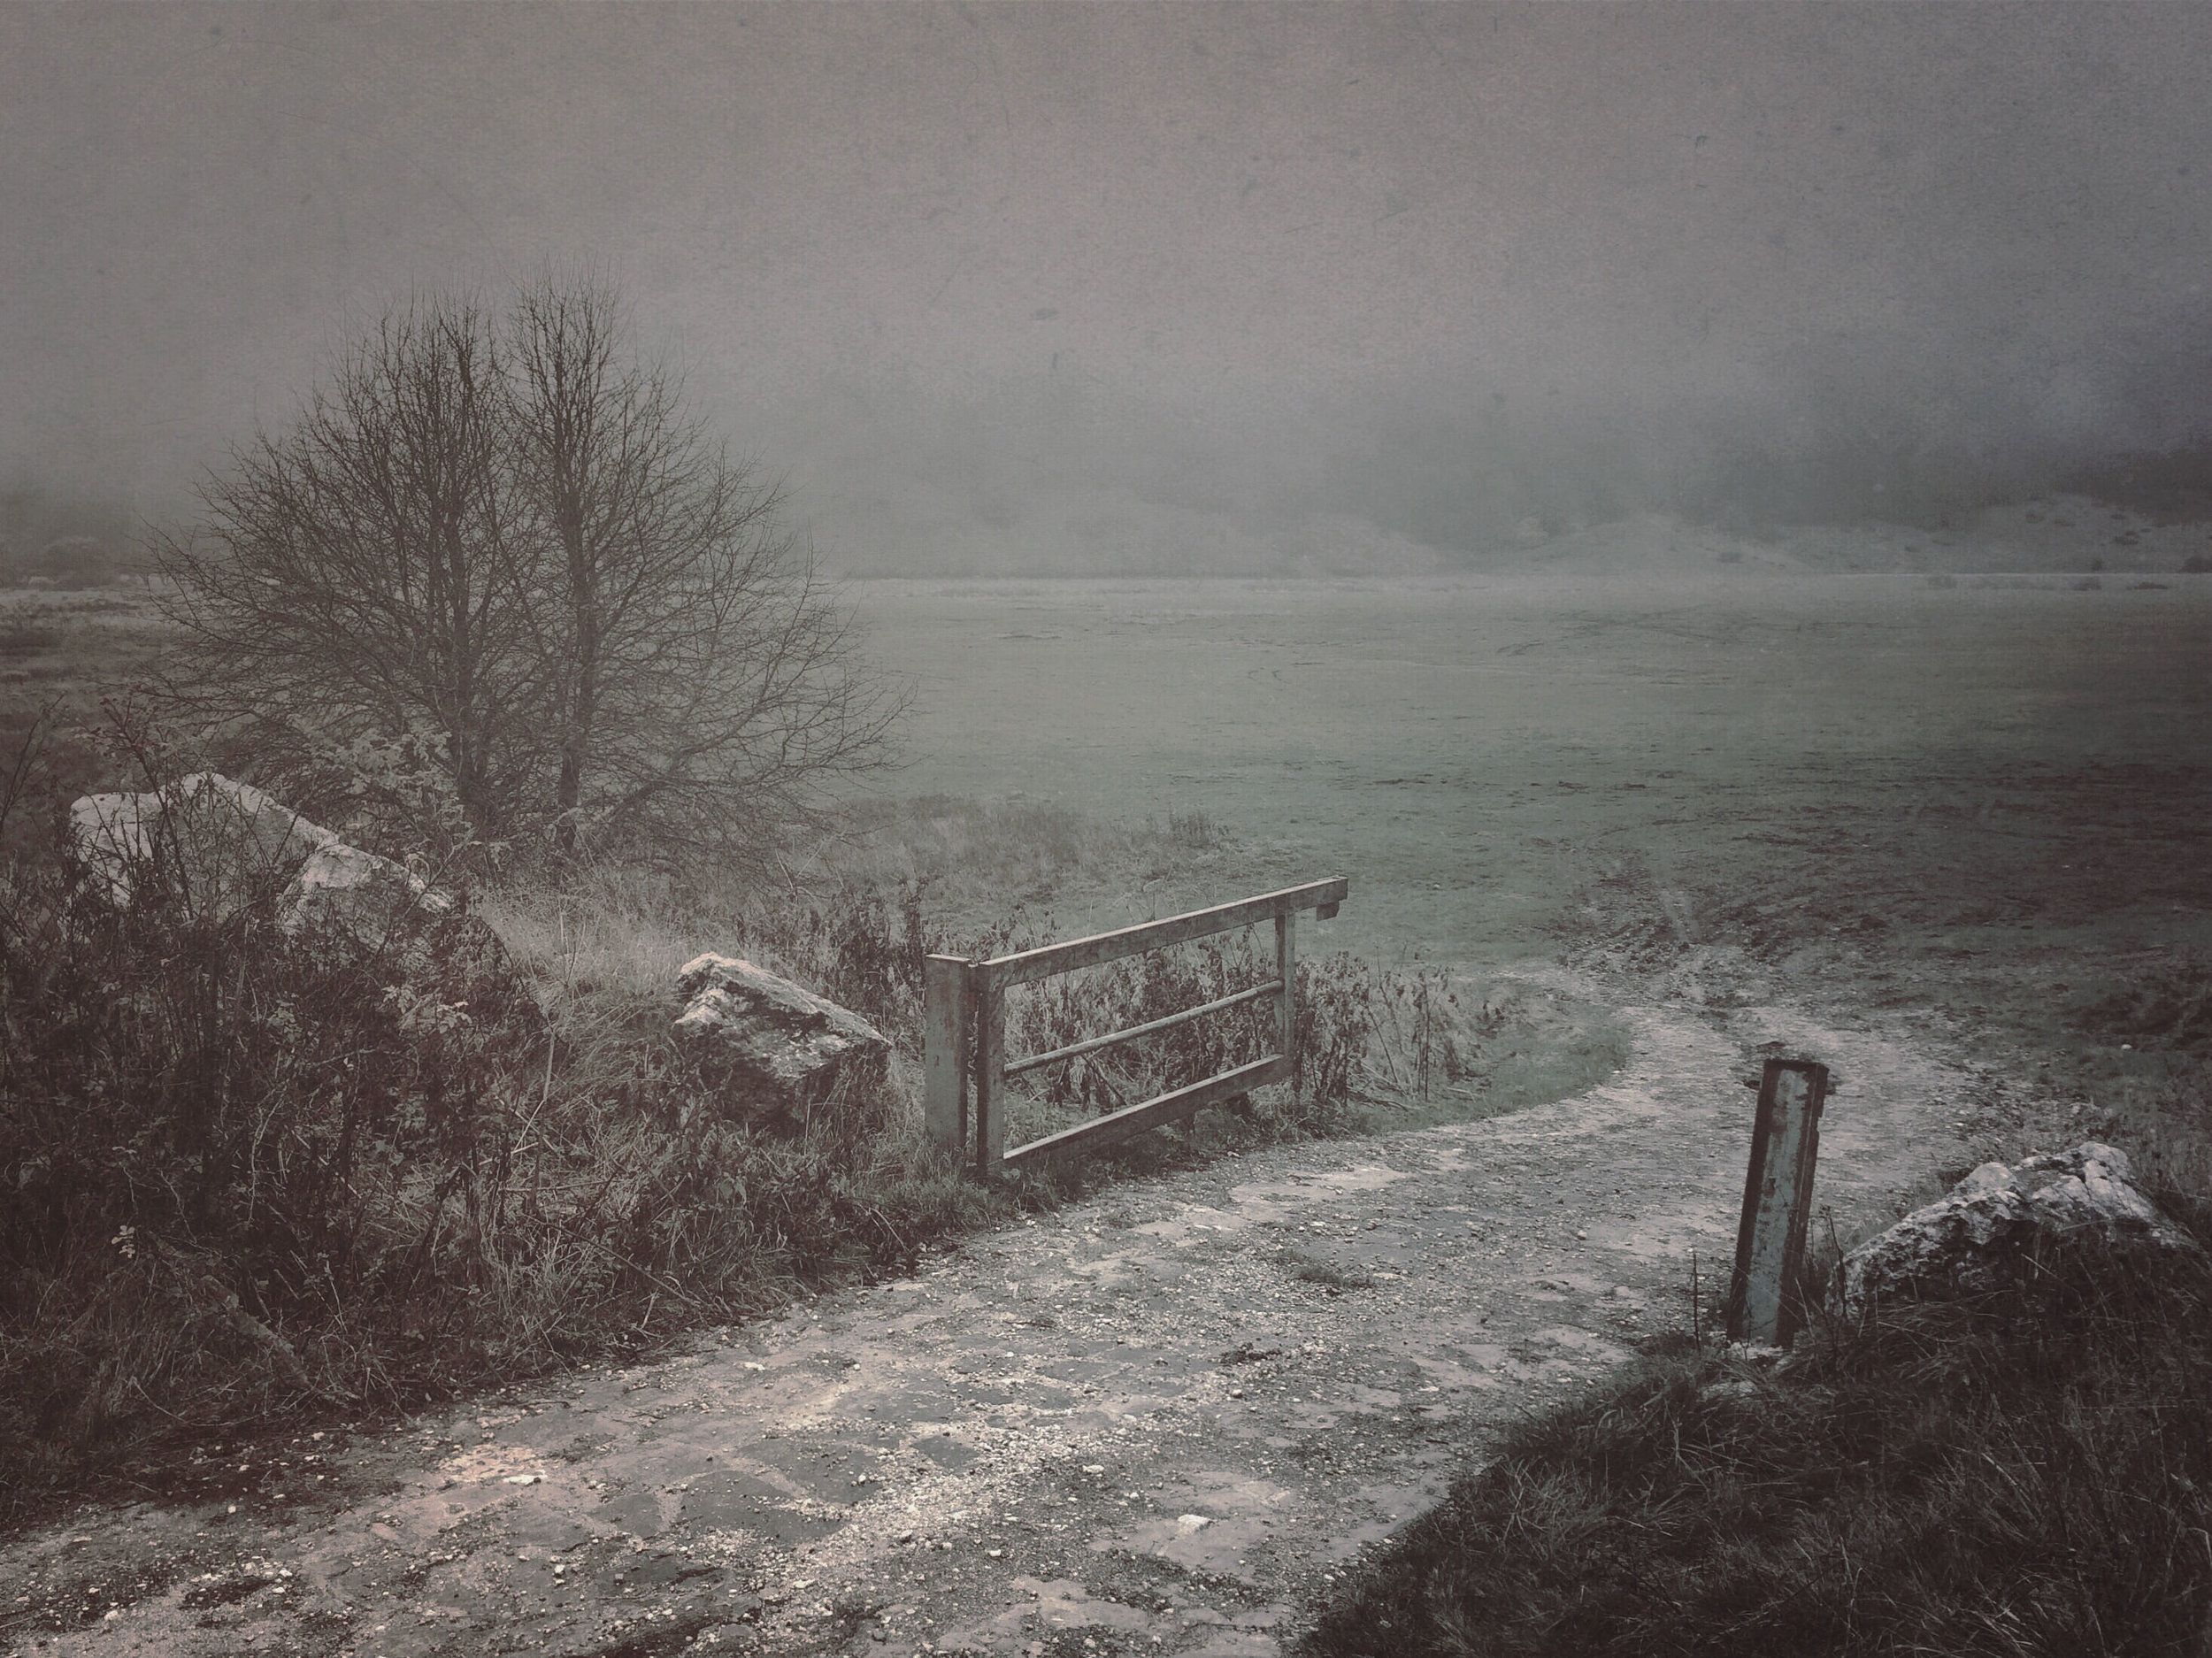 landscape-IMG_5867.JPG